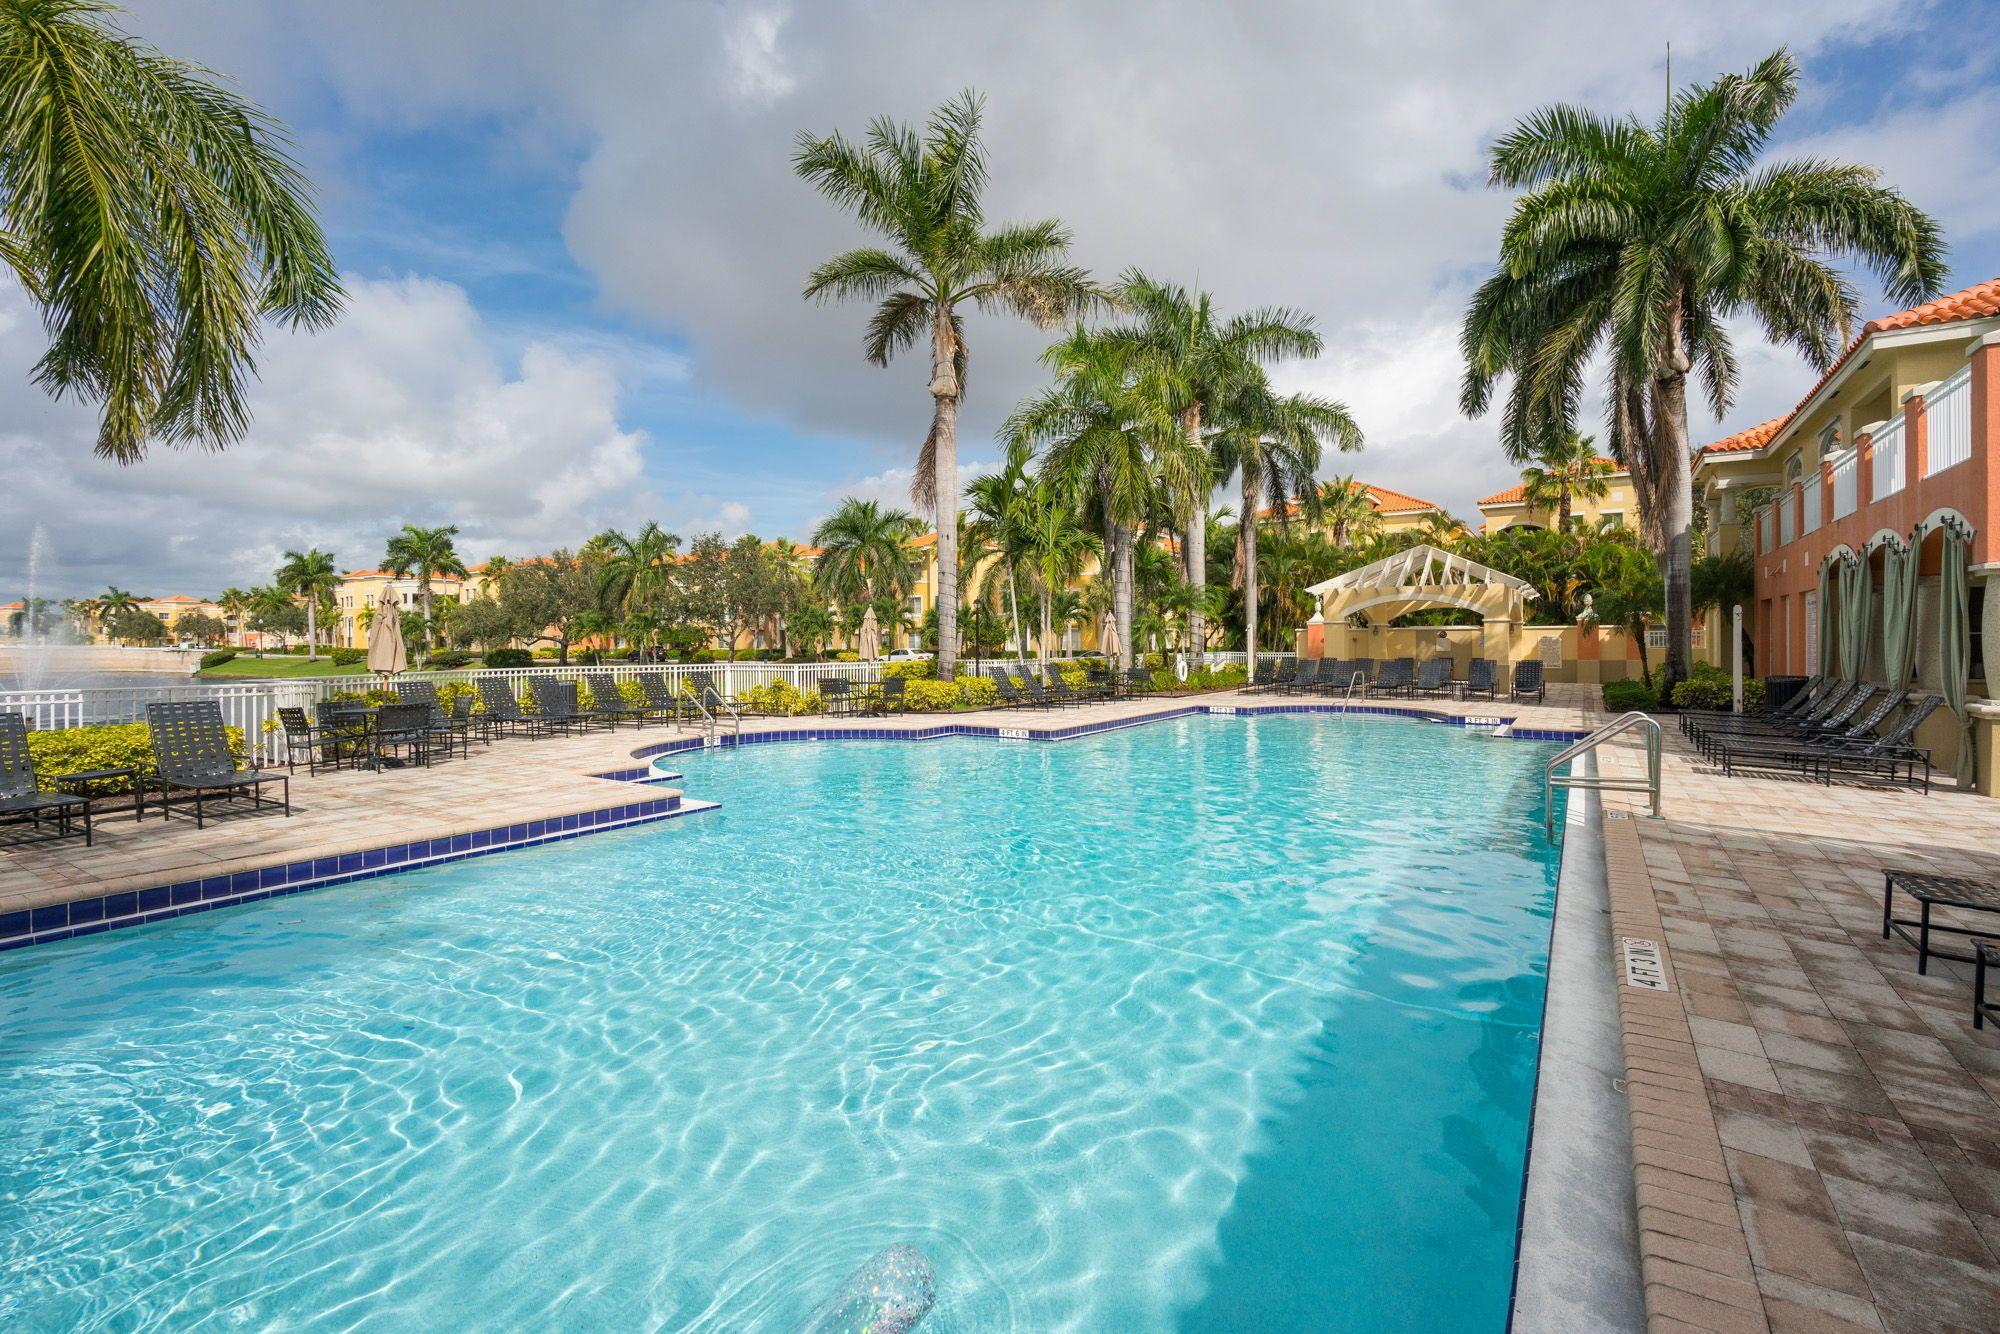 50e6d2f2d2edb454ca52a0f585a6a608 - Crunch Fitness Palm Beach Gardens Fl